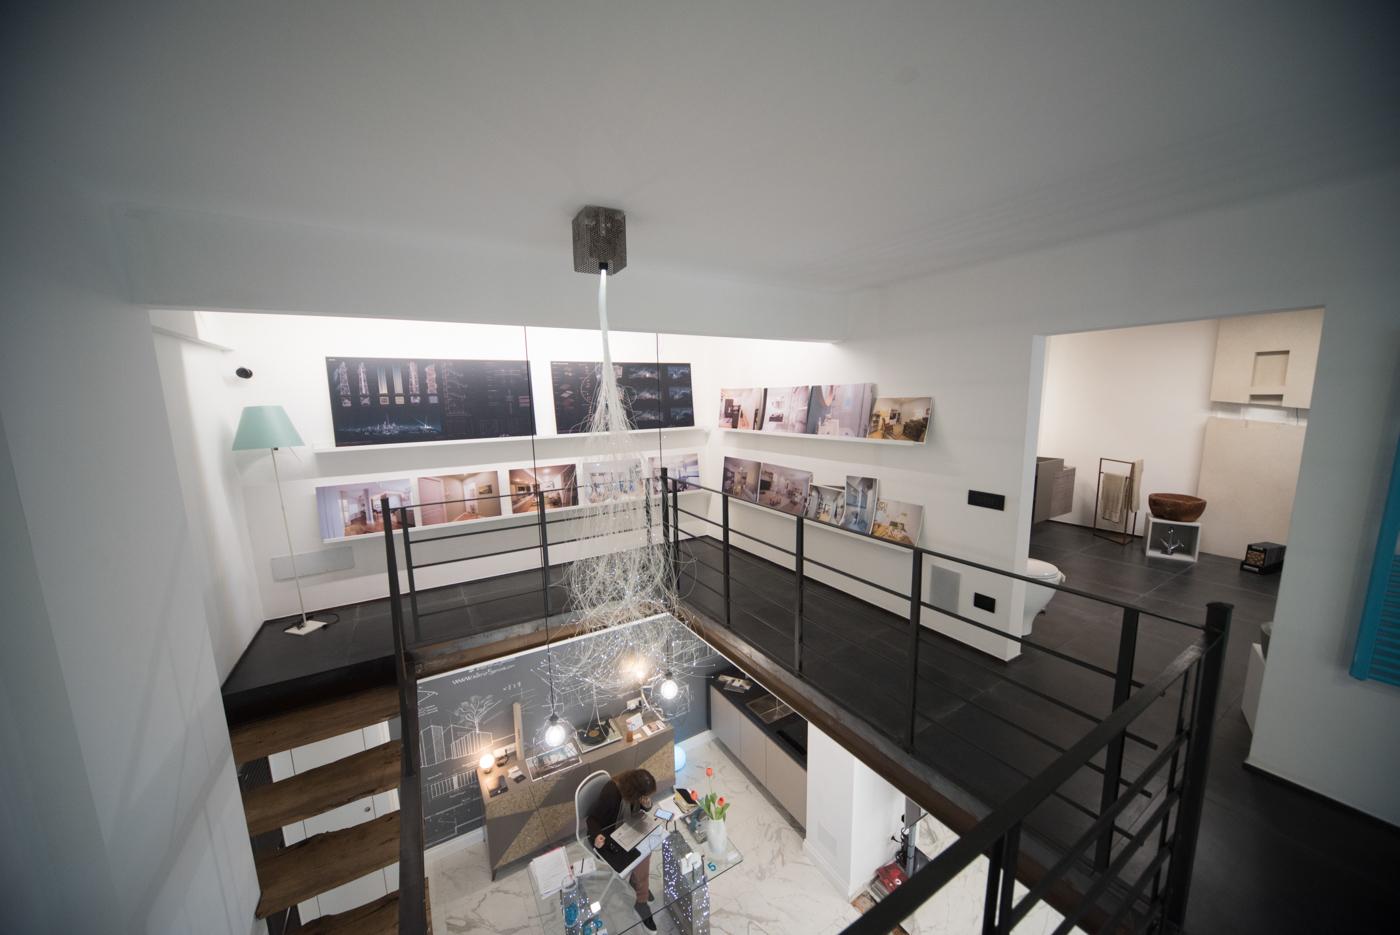 valentina solera, architetto, interior, ristrutturazione, genova, liguria, italy, interior5-17.jpg